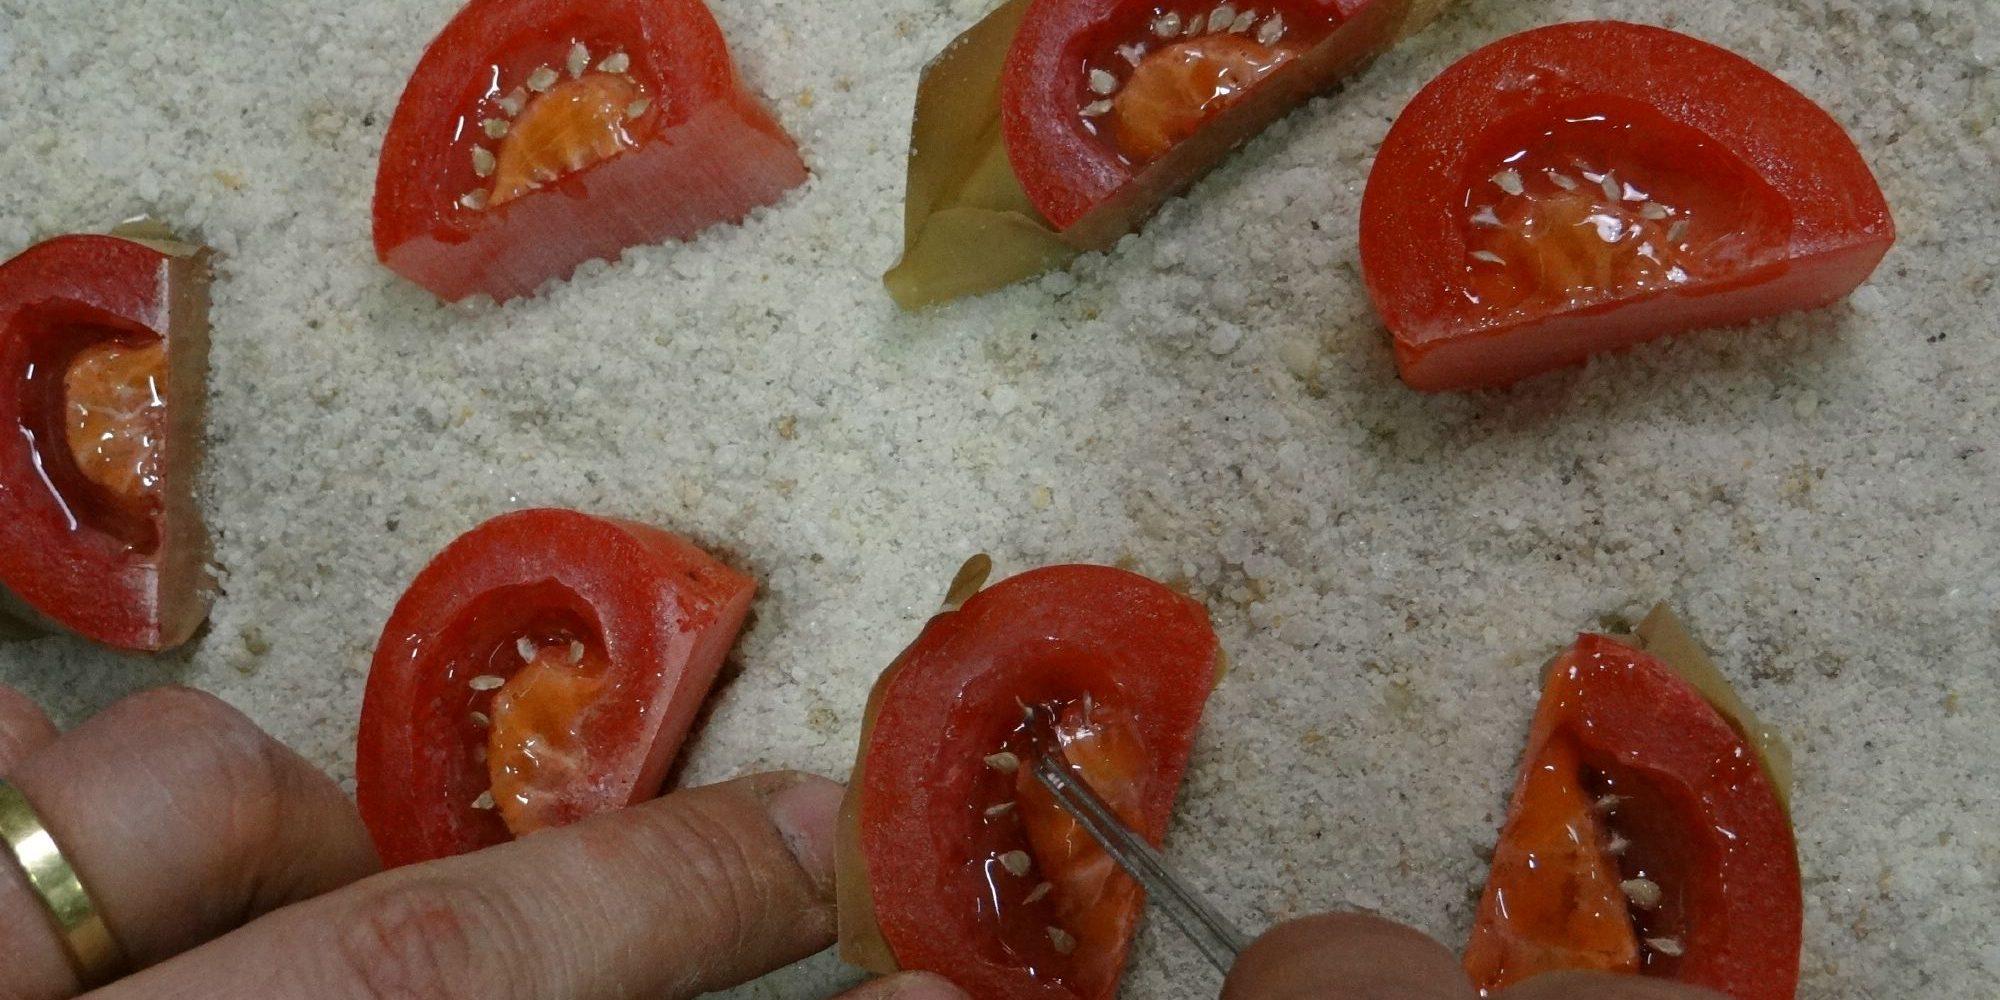 disposition des faux pépins dans les quartiers de tomates factices en résine